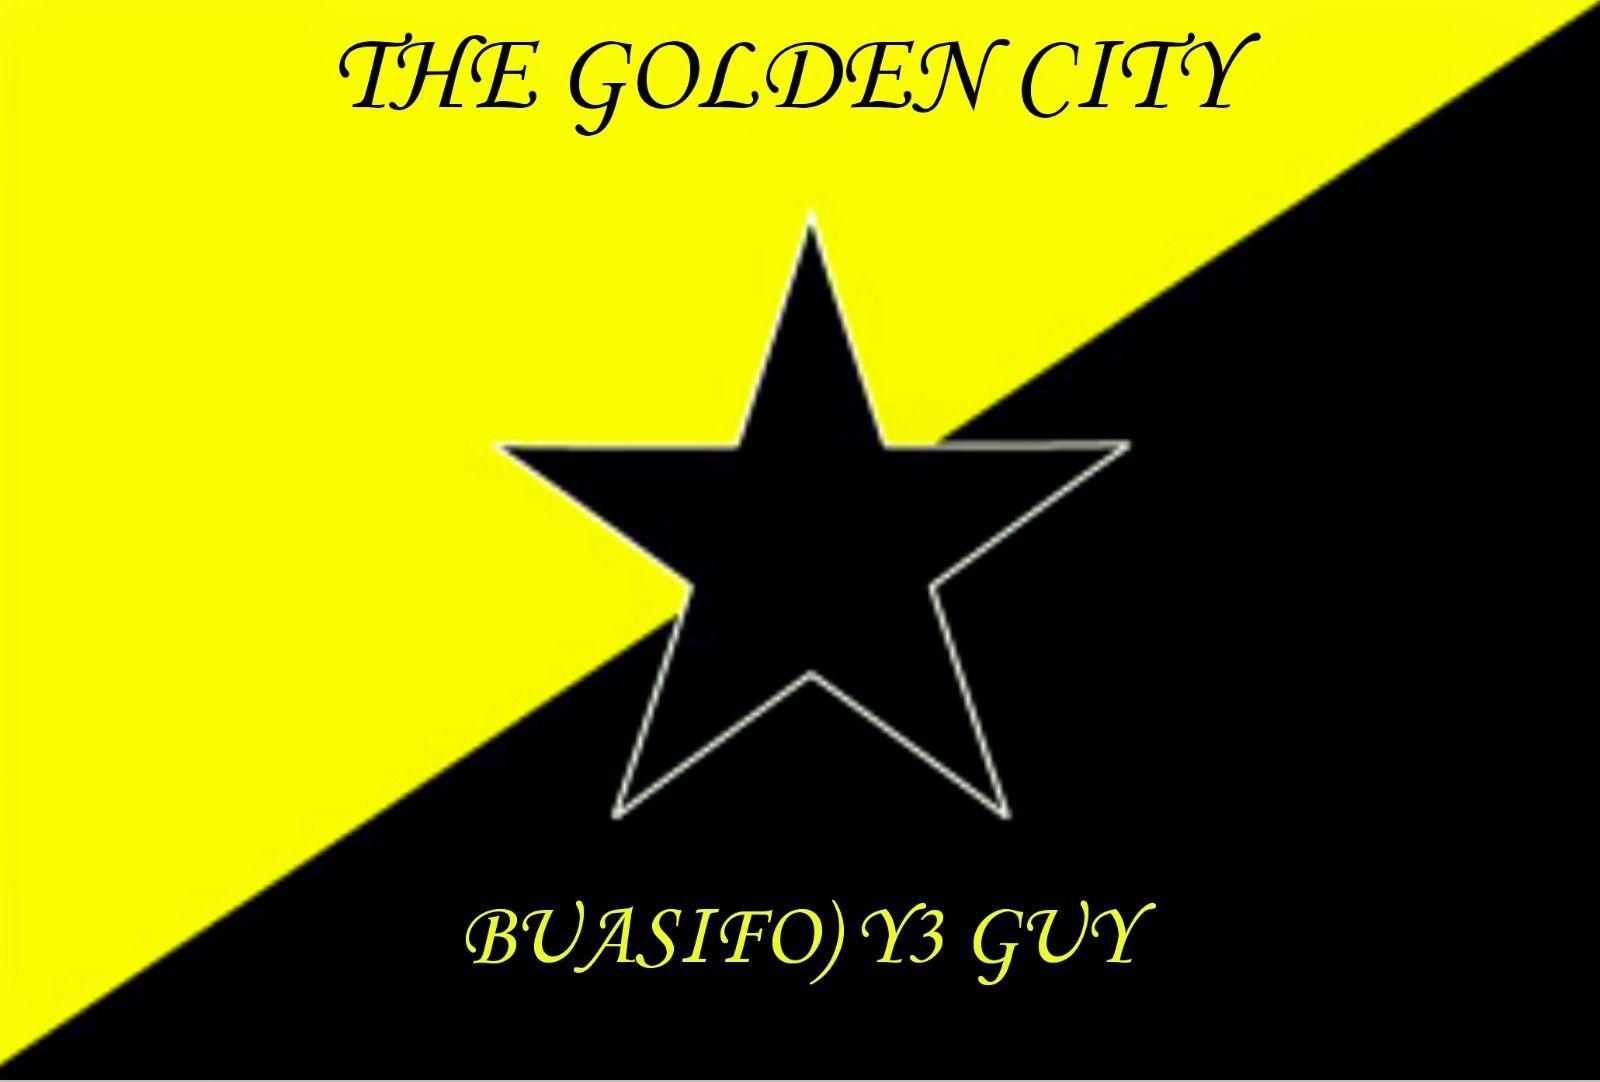 JAY VAN GORK-OBUASIFO) Y3 GUY